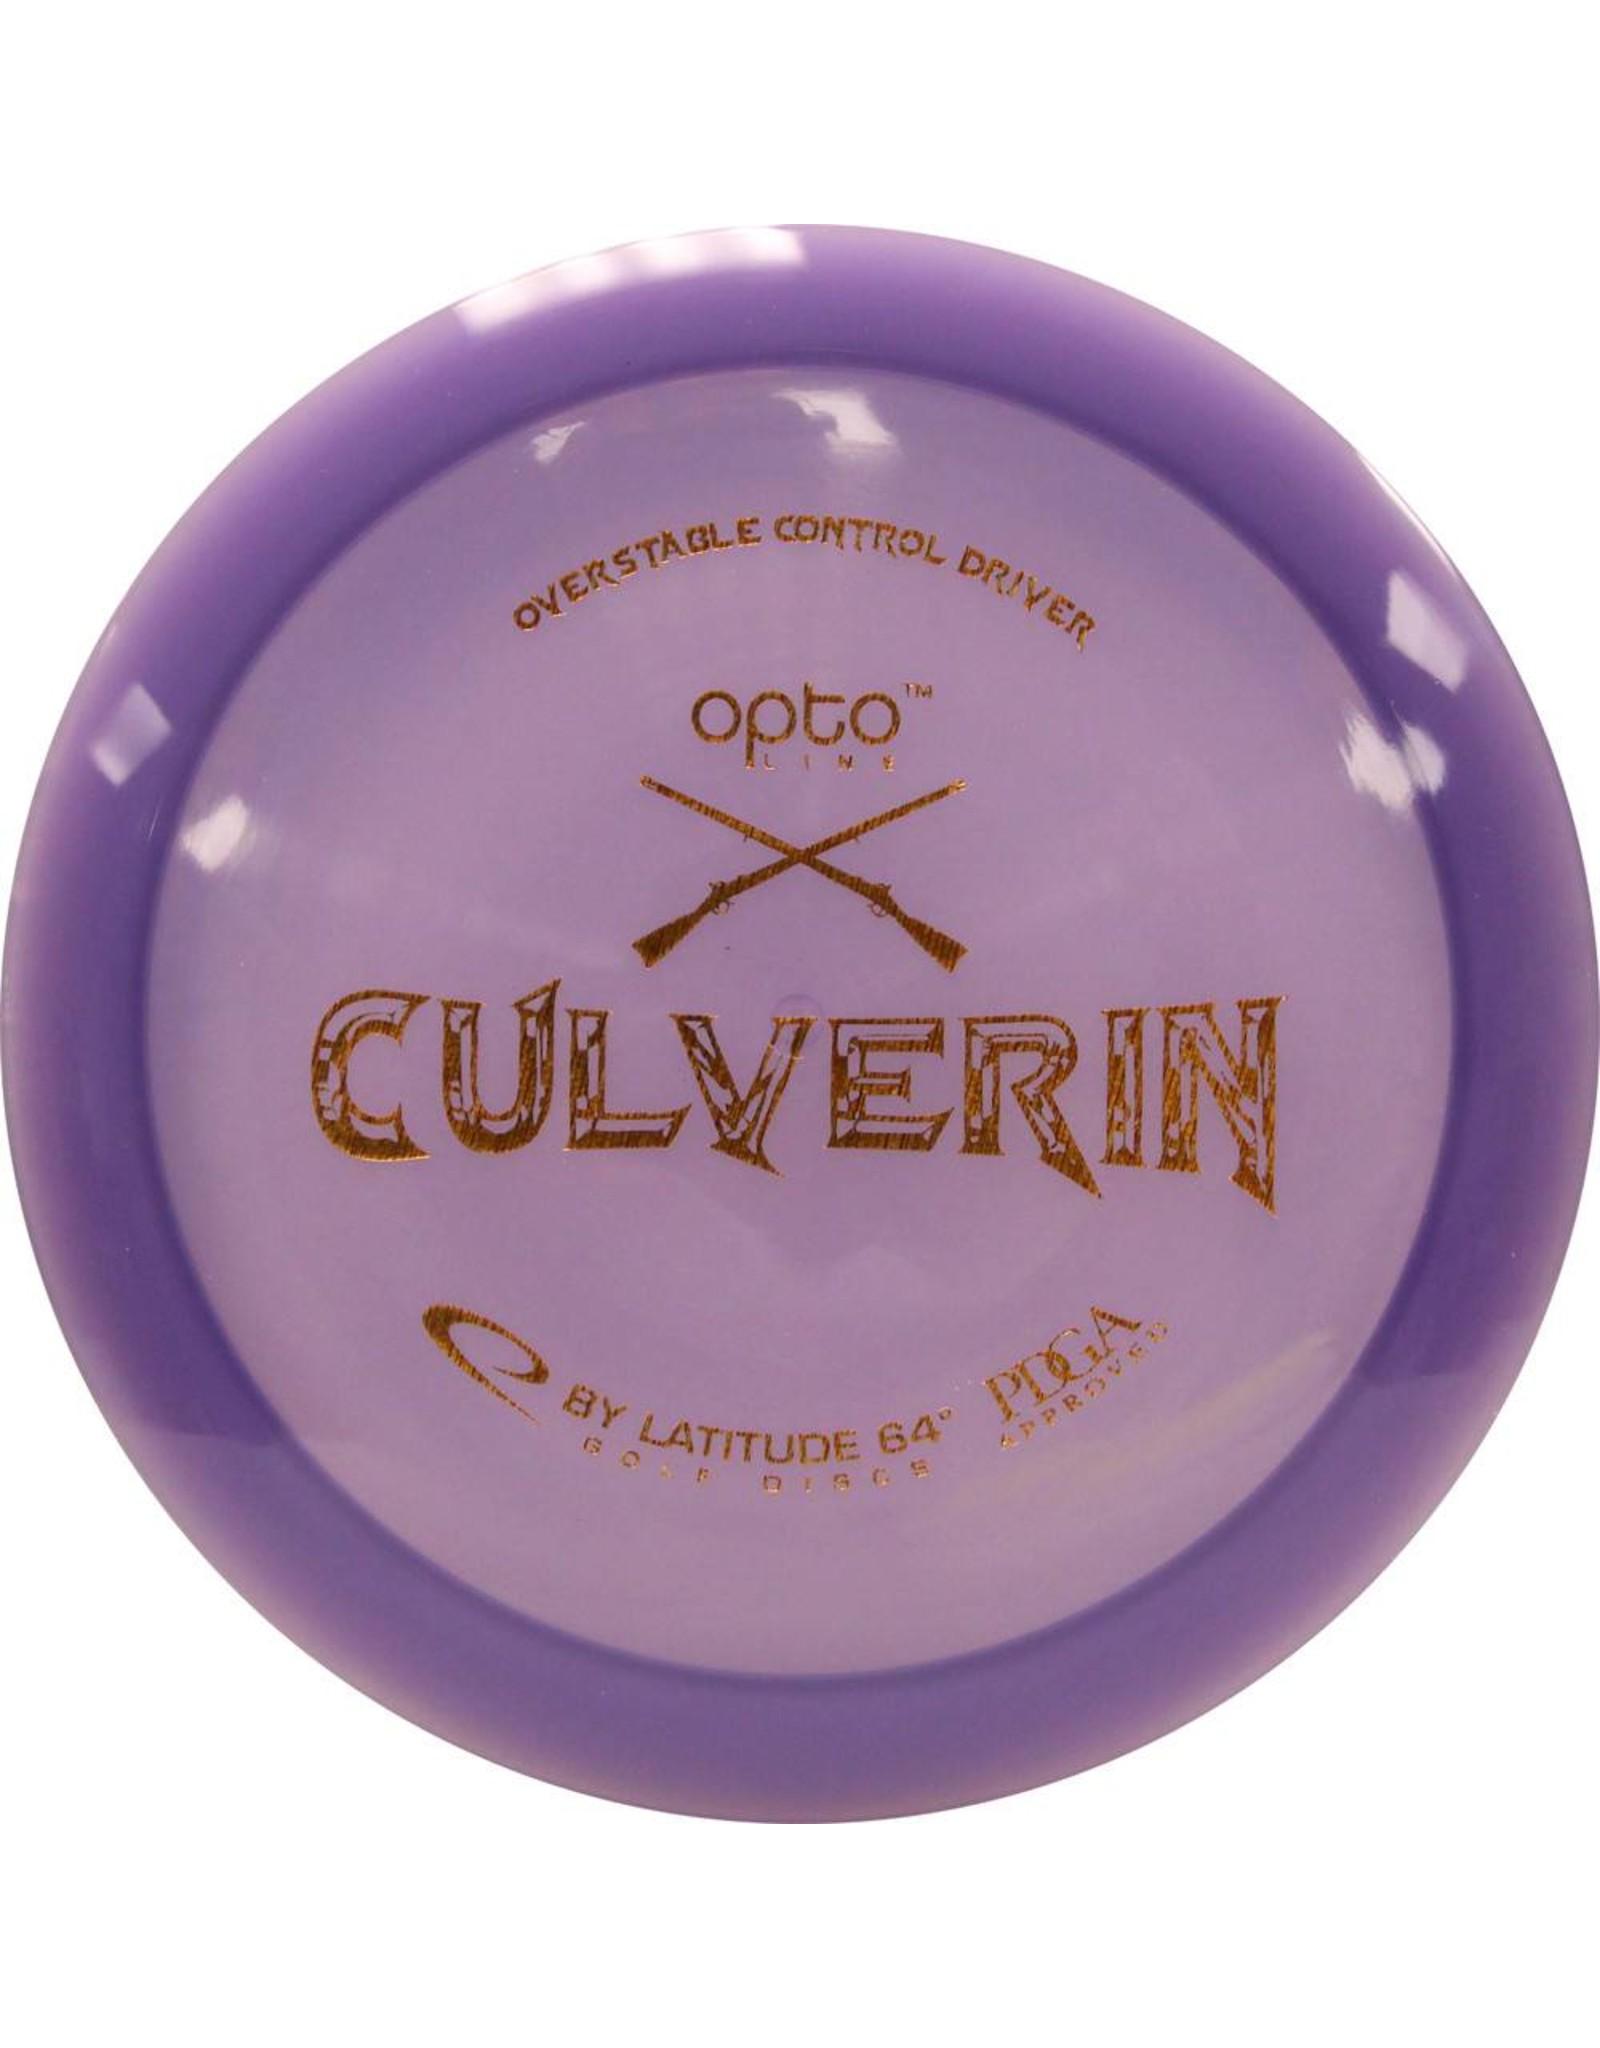 Latitude 64 Opto - Culverin